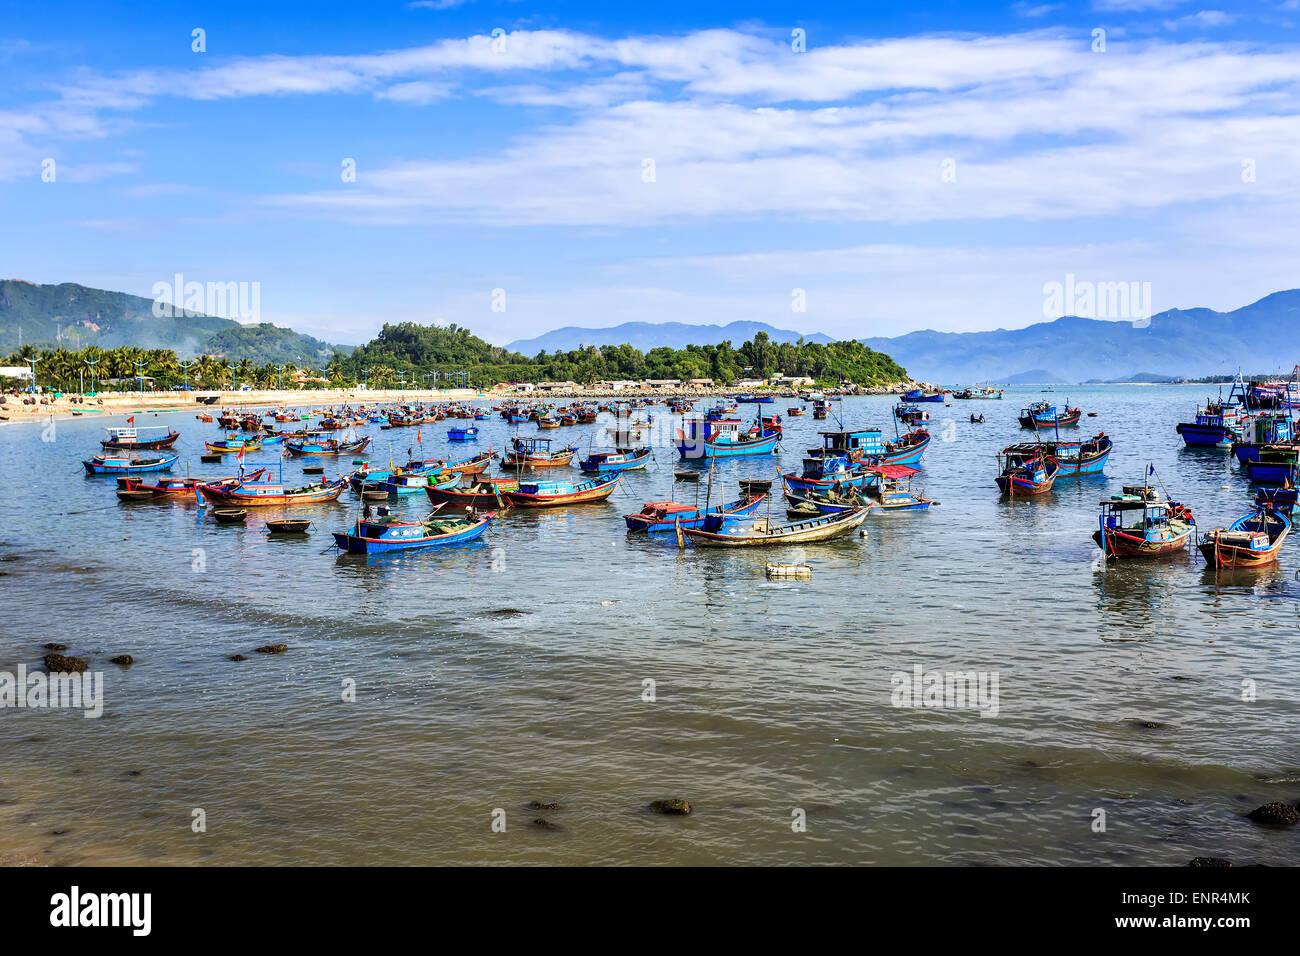 Local Boats At Morning in Nha Trang central Vietnam - Stock Image